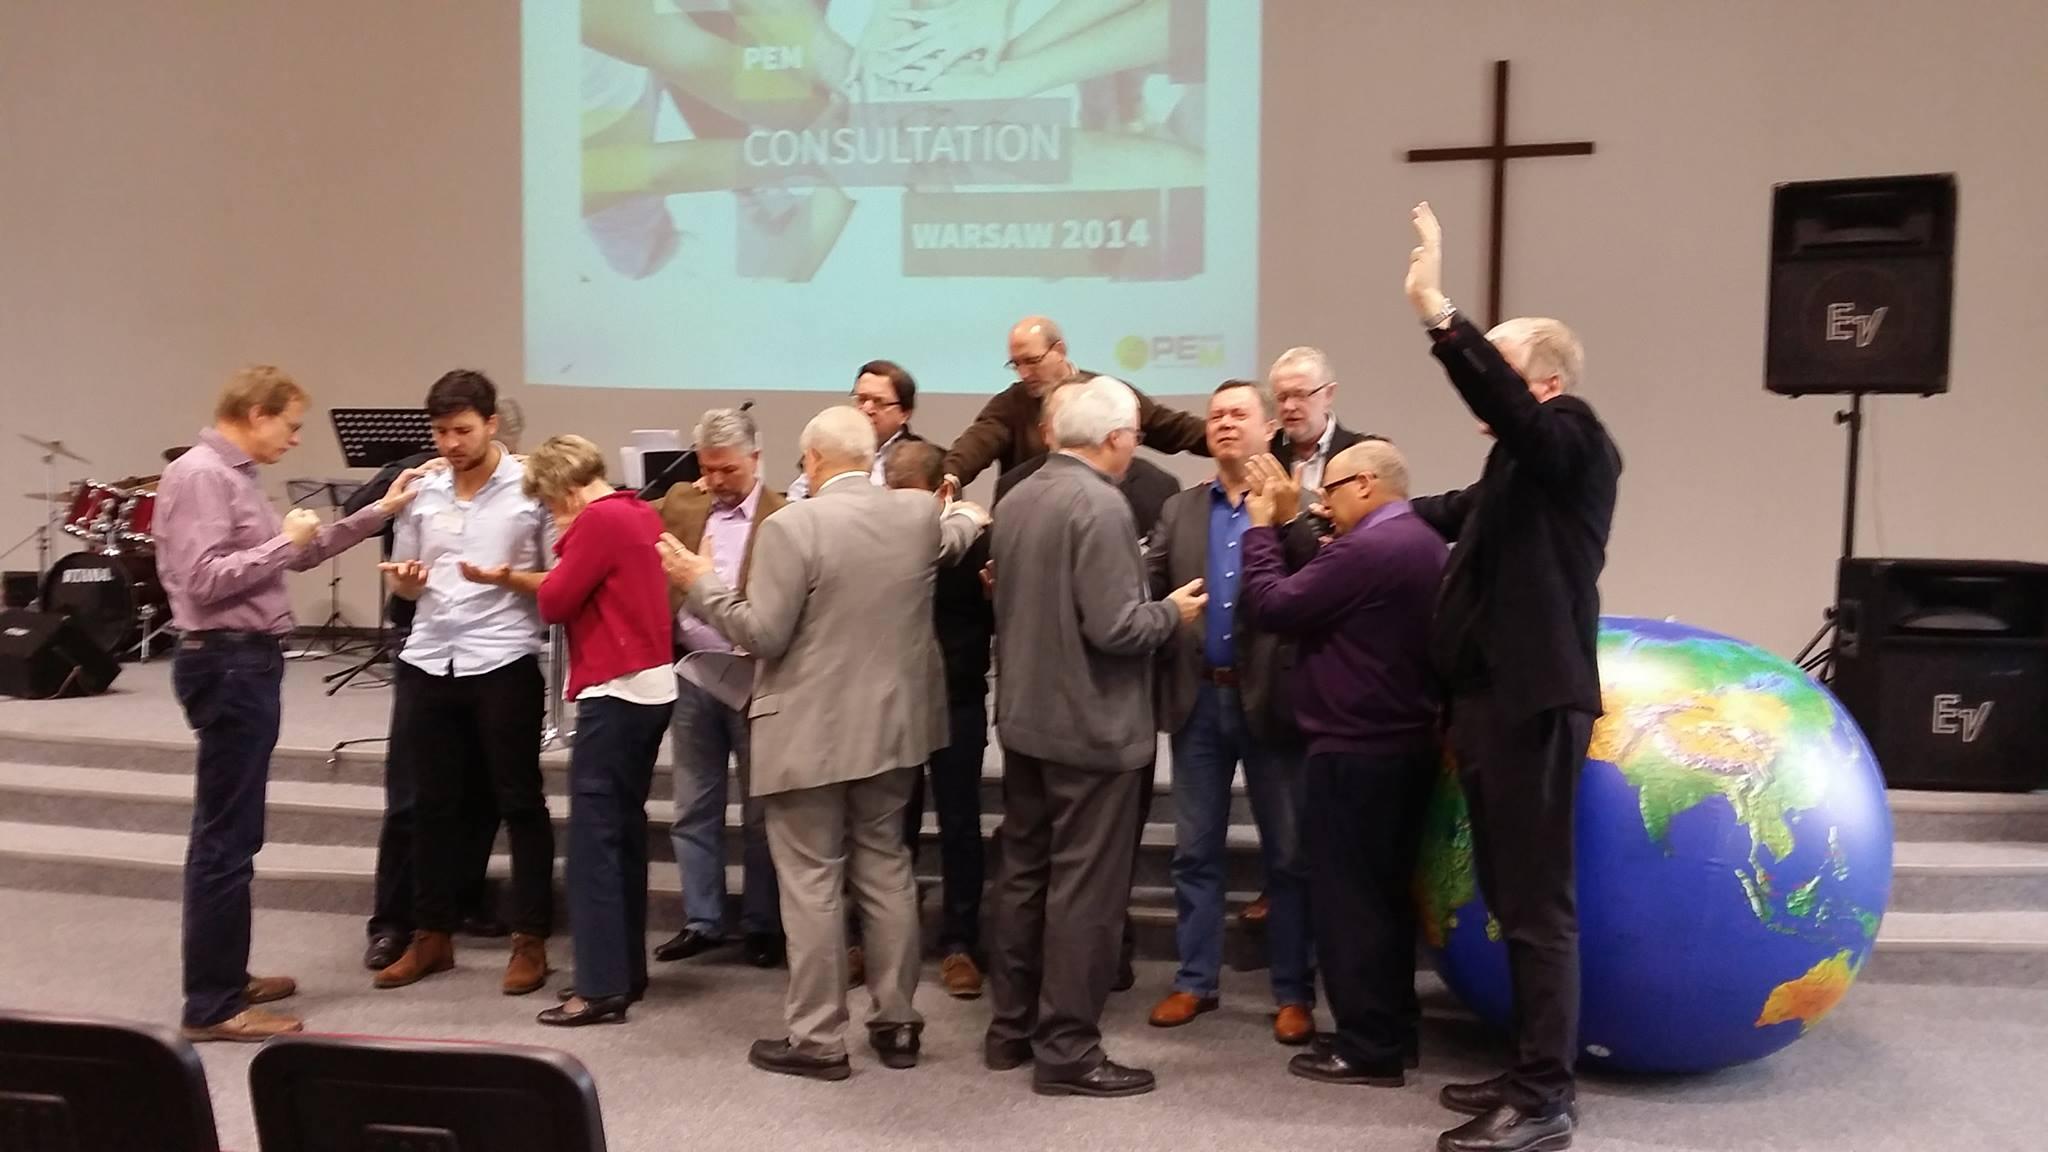 Prayerful Leaders' Meeting In Warsaw